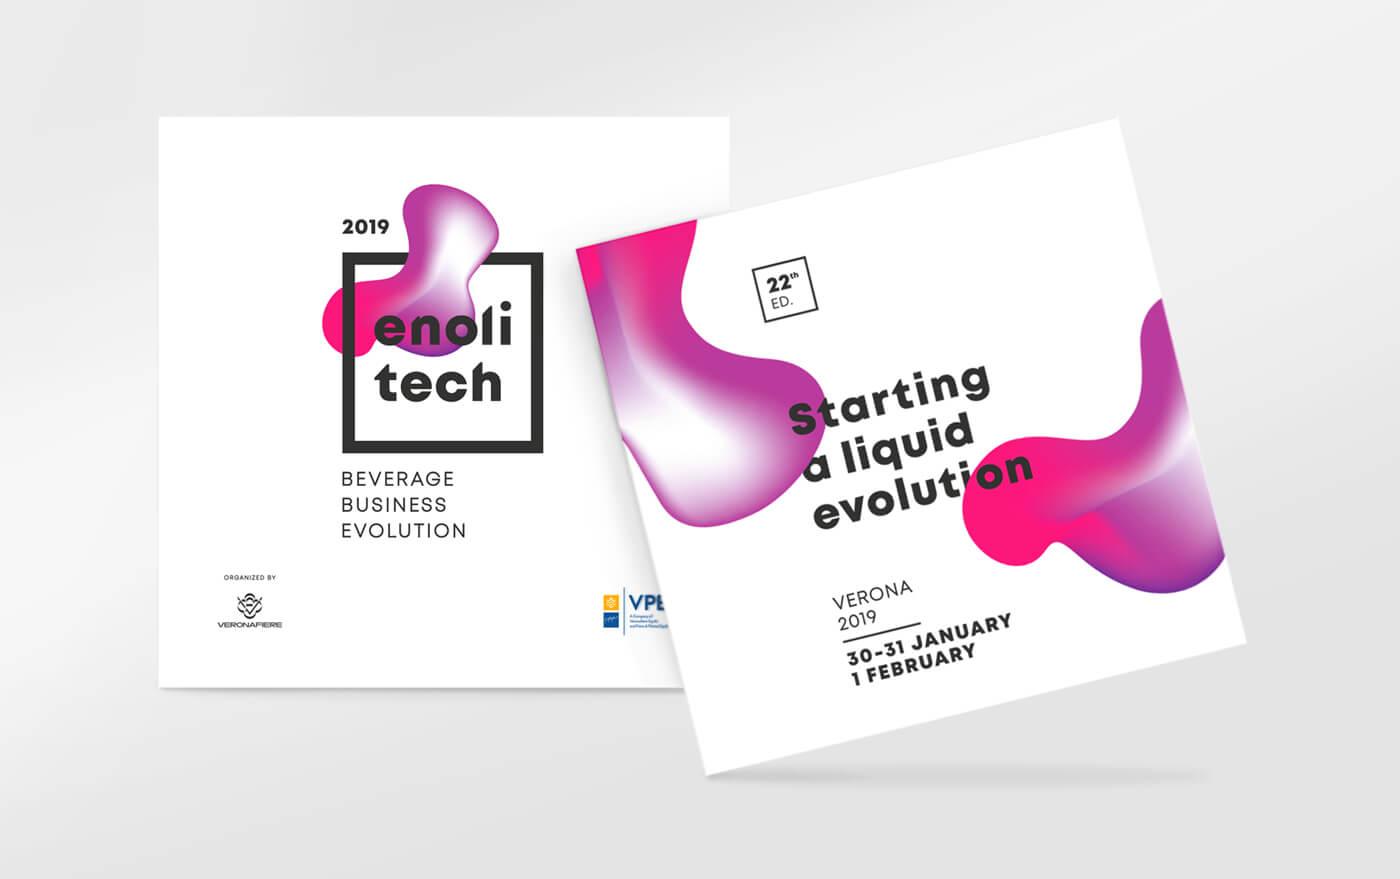 rebranding enolitech - KF ADV agenzia di comunicazione Vicenza